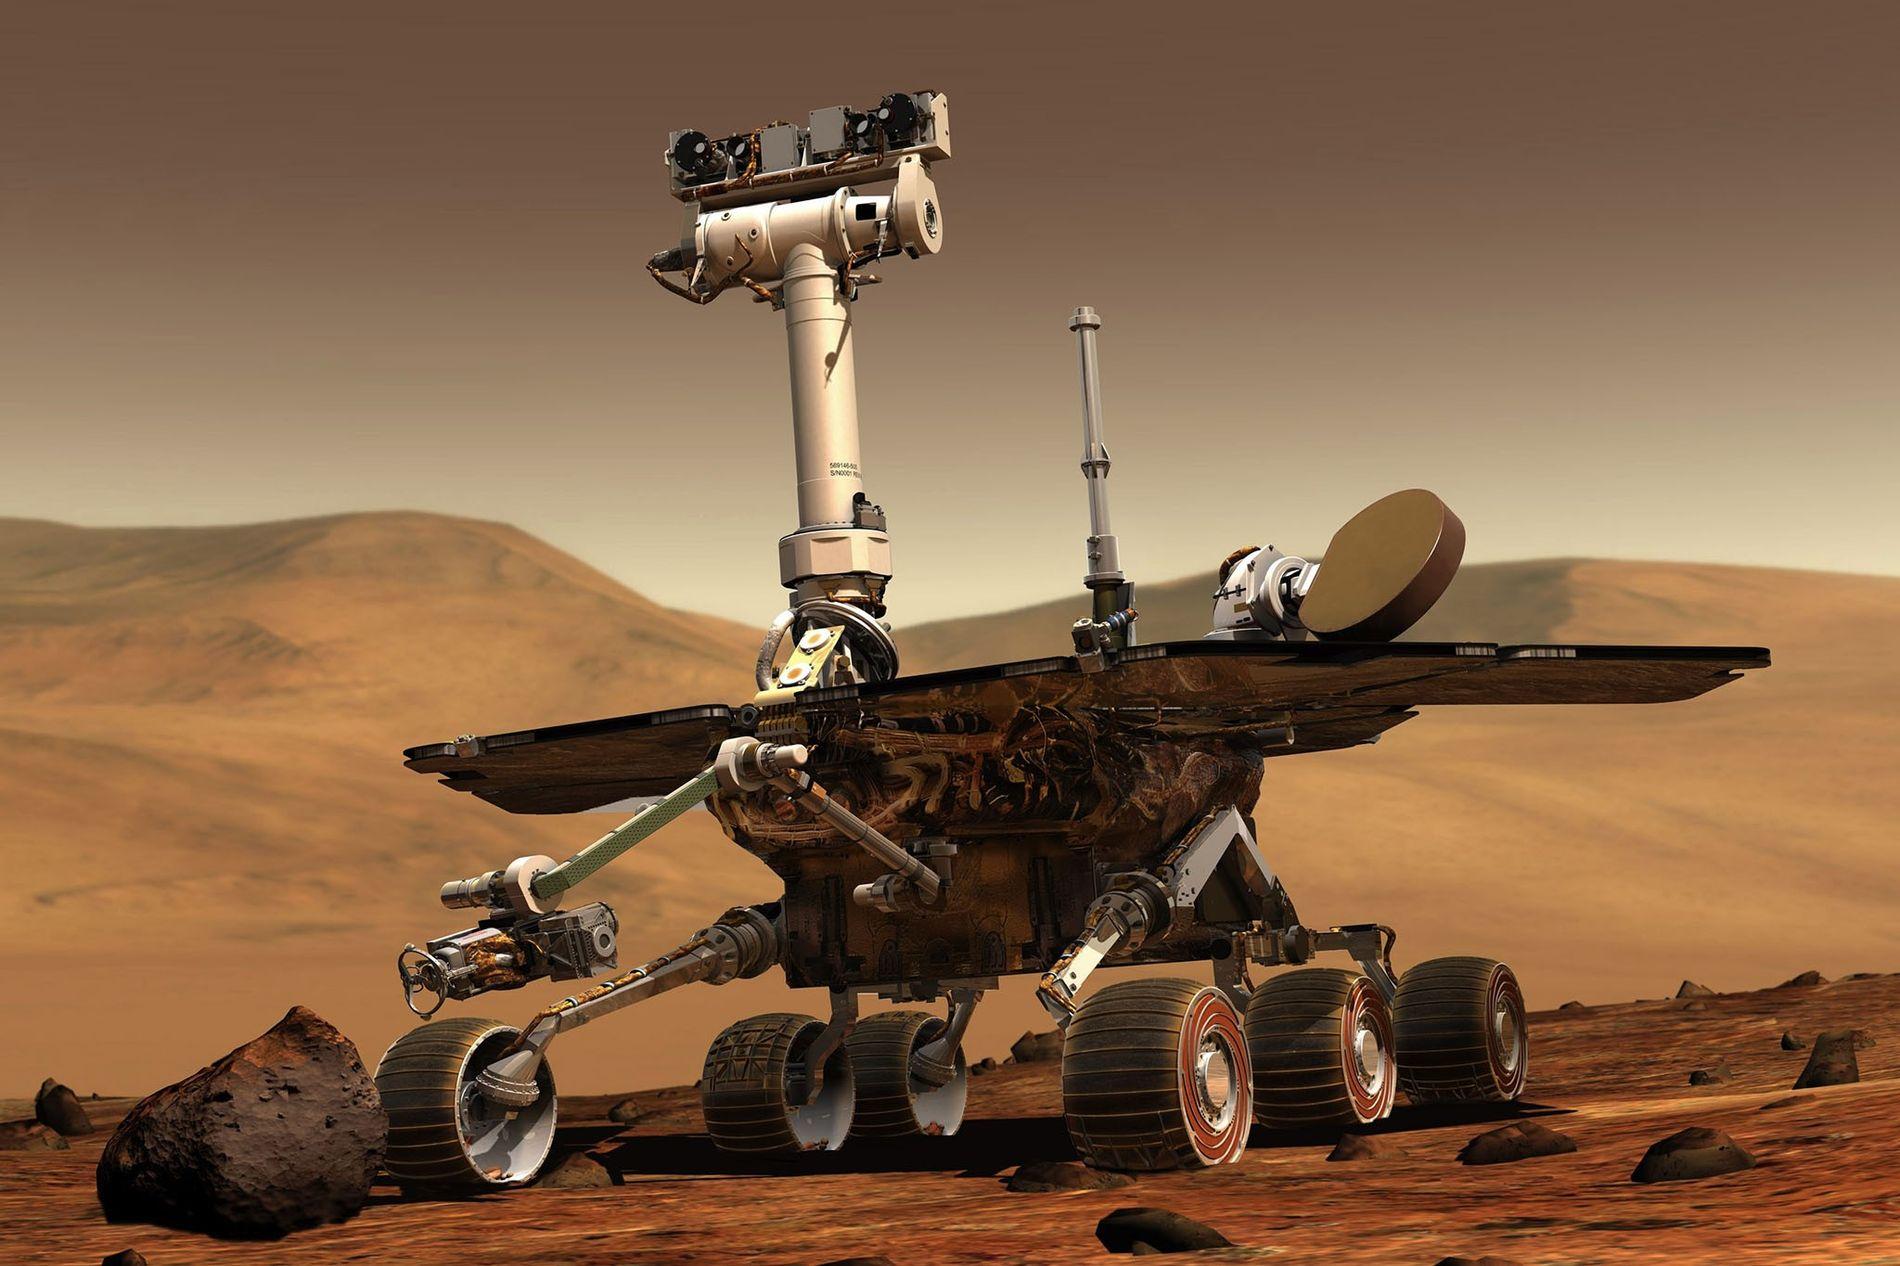 En enero de 2004, los rovers gemelos Spirit y Opportunity aterrizaron en lados opuestos de Marte ...